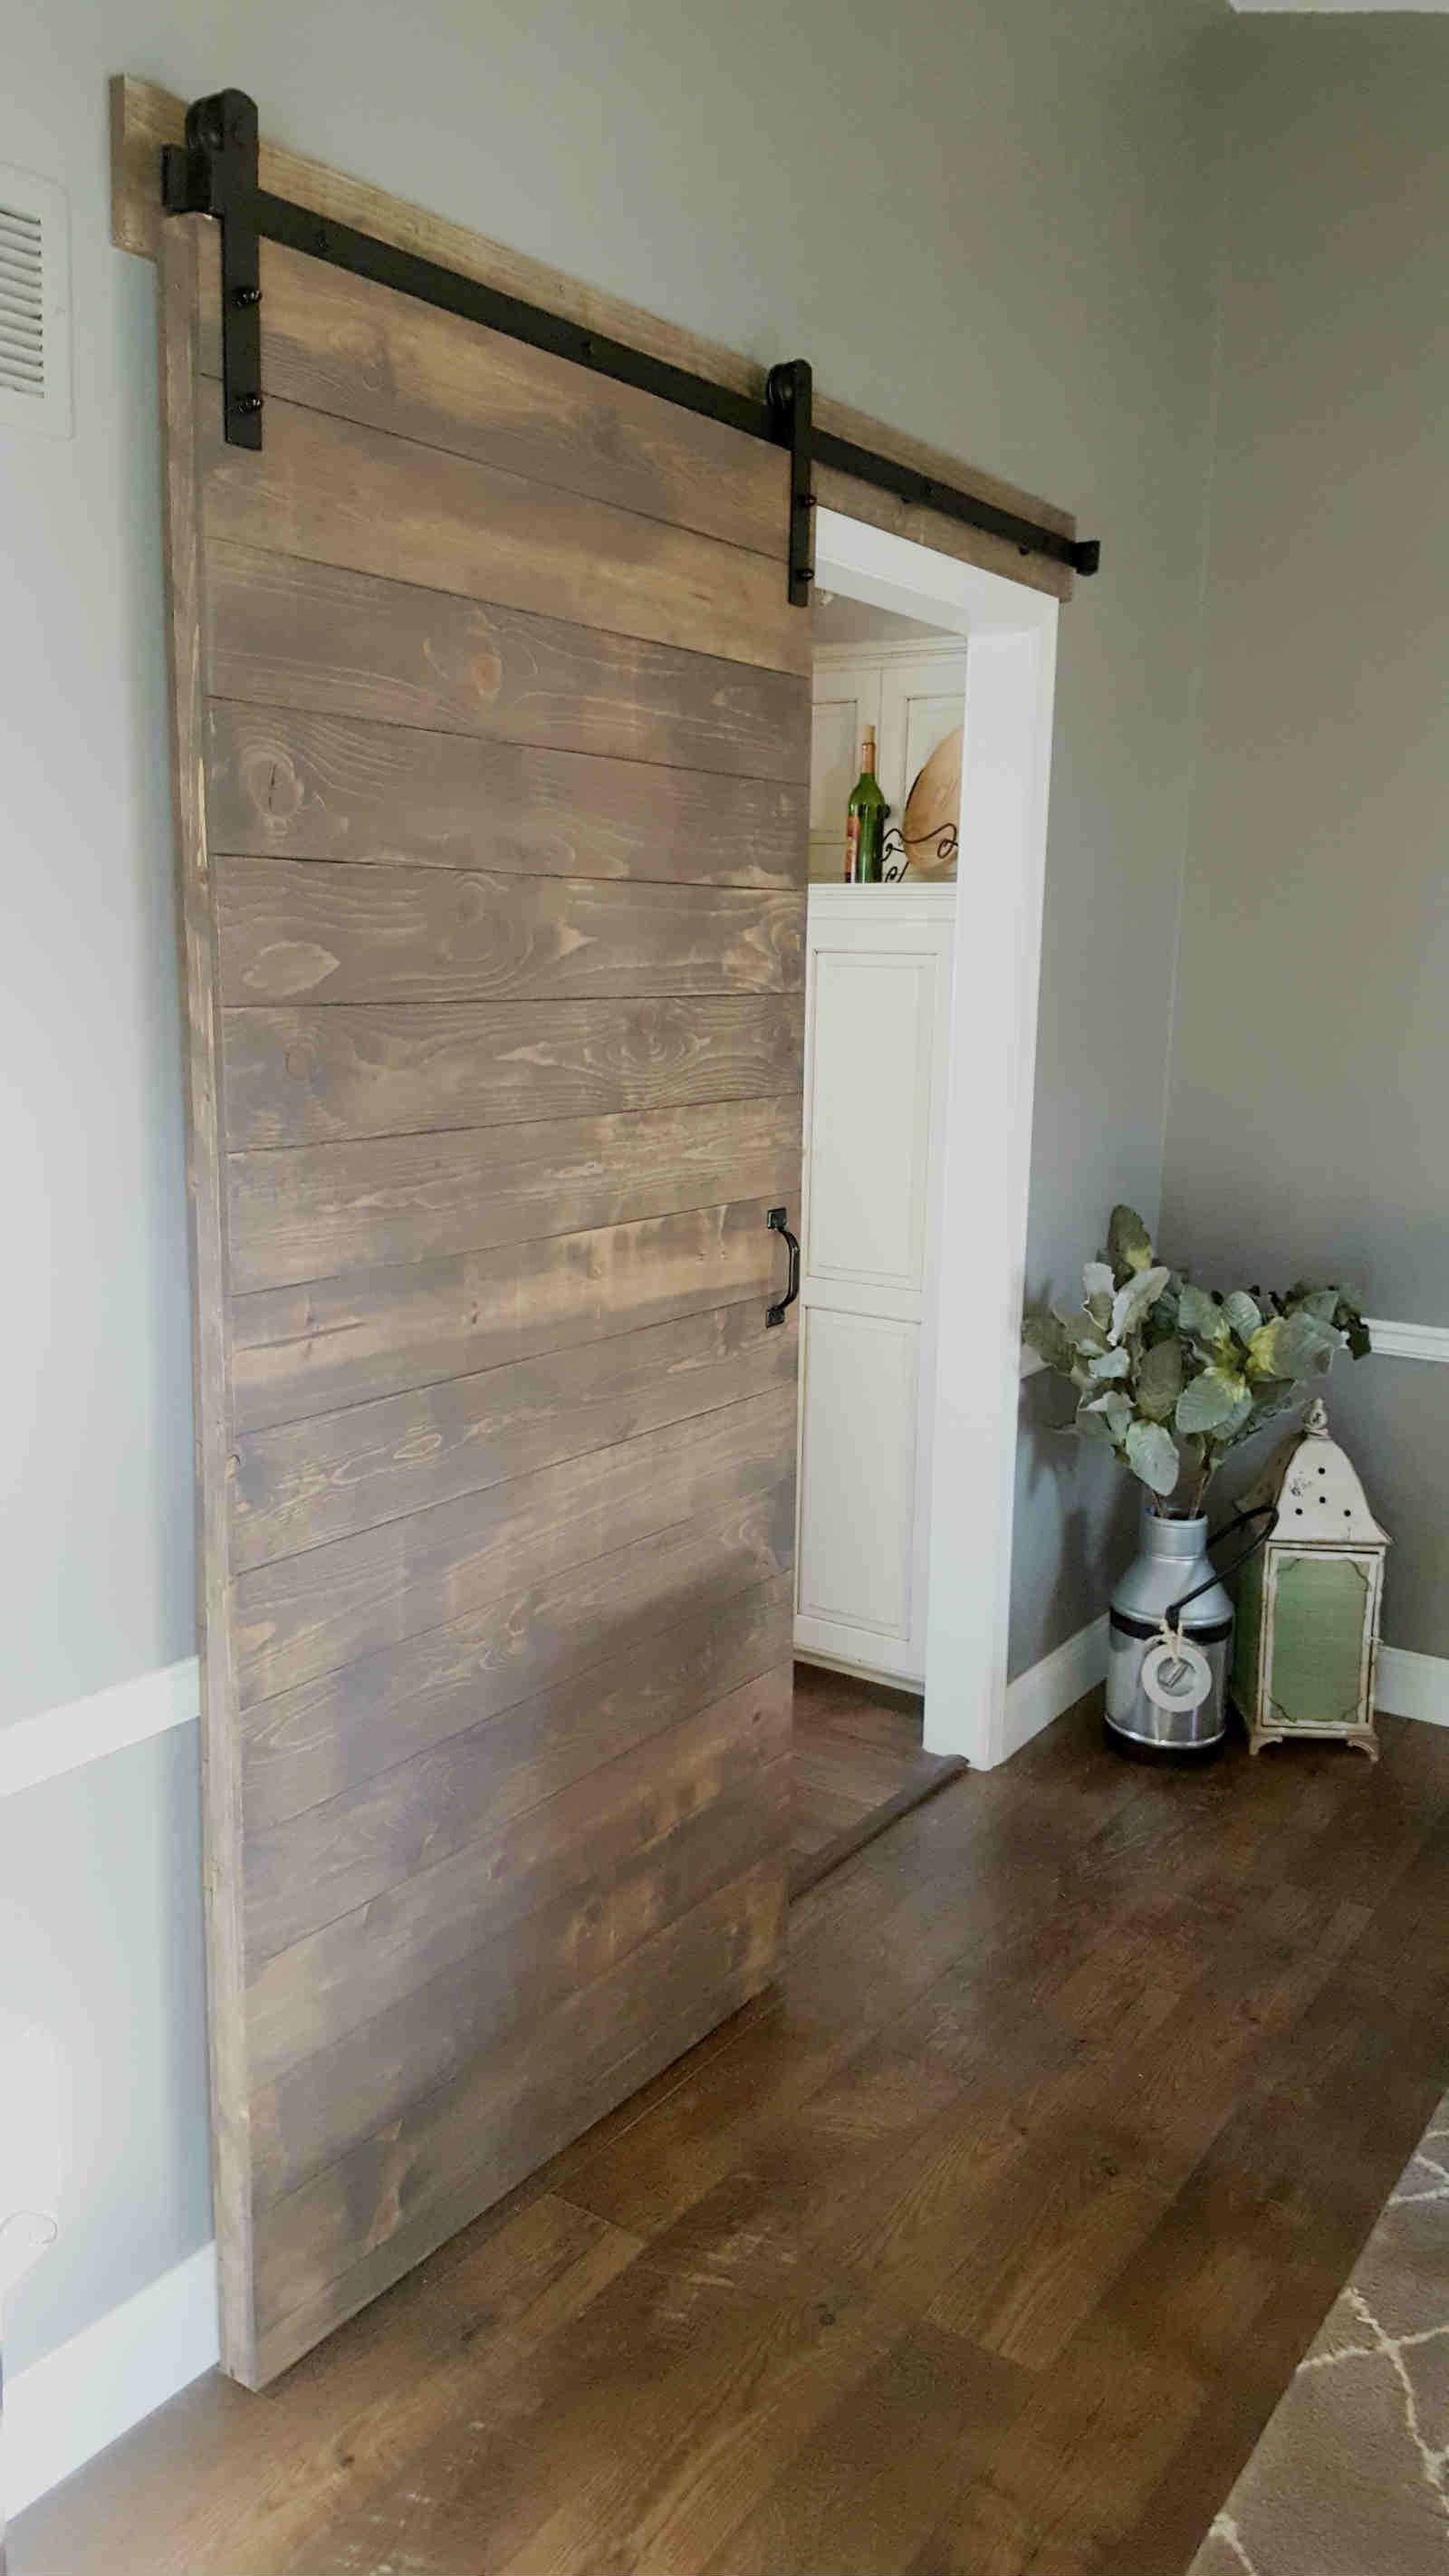 Horizontal Plank Sliding Barn Door In 2020 Interior Barn Doors Barn Doors Sliding Diy Sliding Barn Door